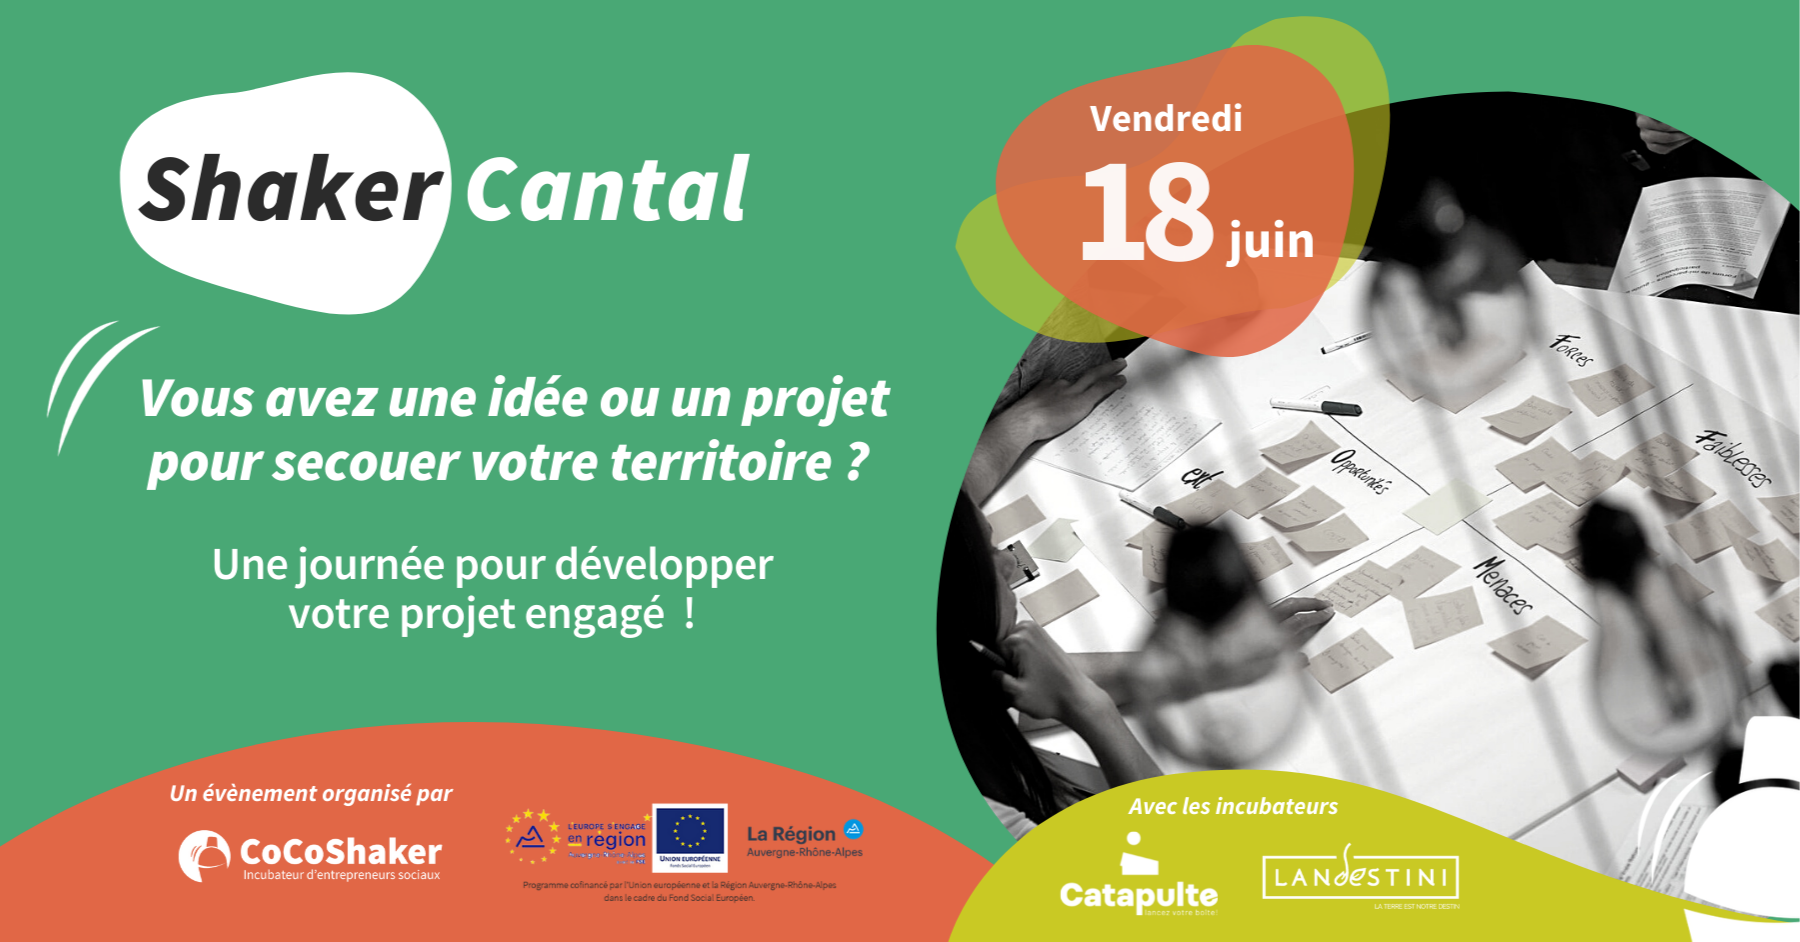 [PRÉSENTIEL] Shaker Cantal - Une journée pour développer son projet engagé ! @ Les Granges numériques   Vic-sur-Cère   Auvergne-Rhône-Alpes   France